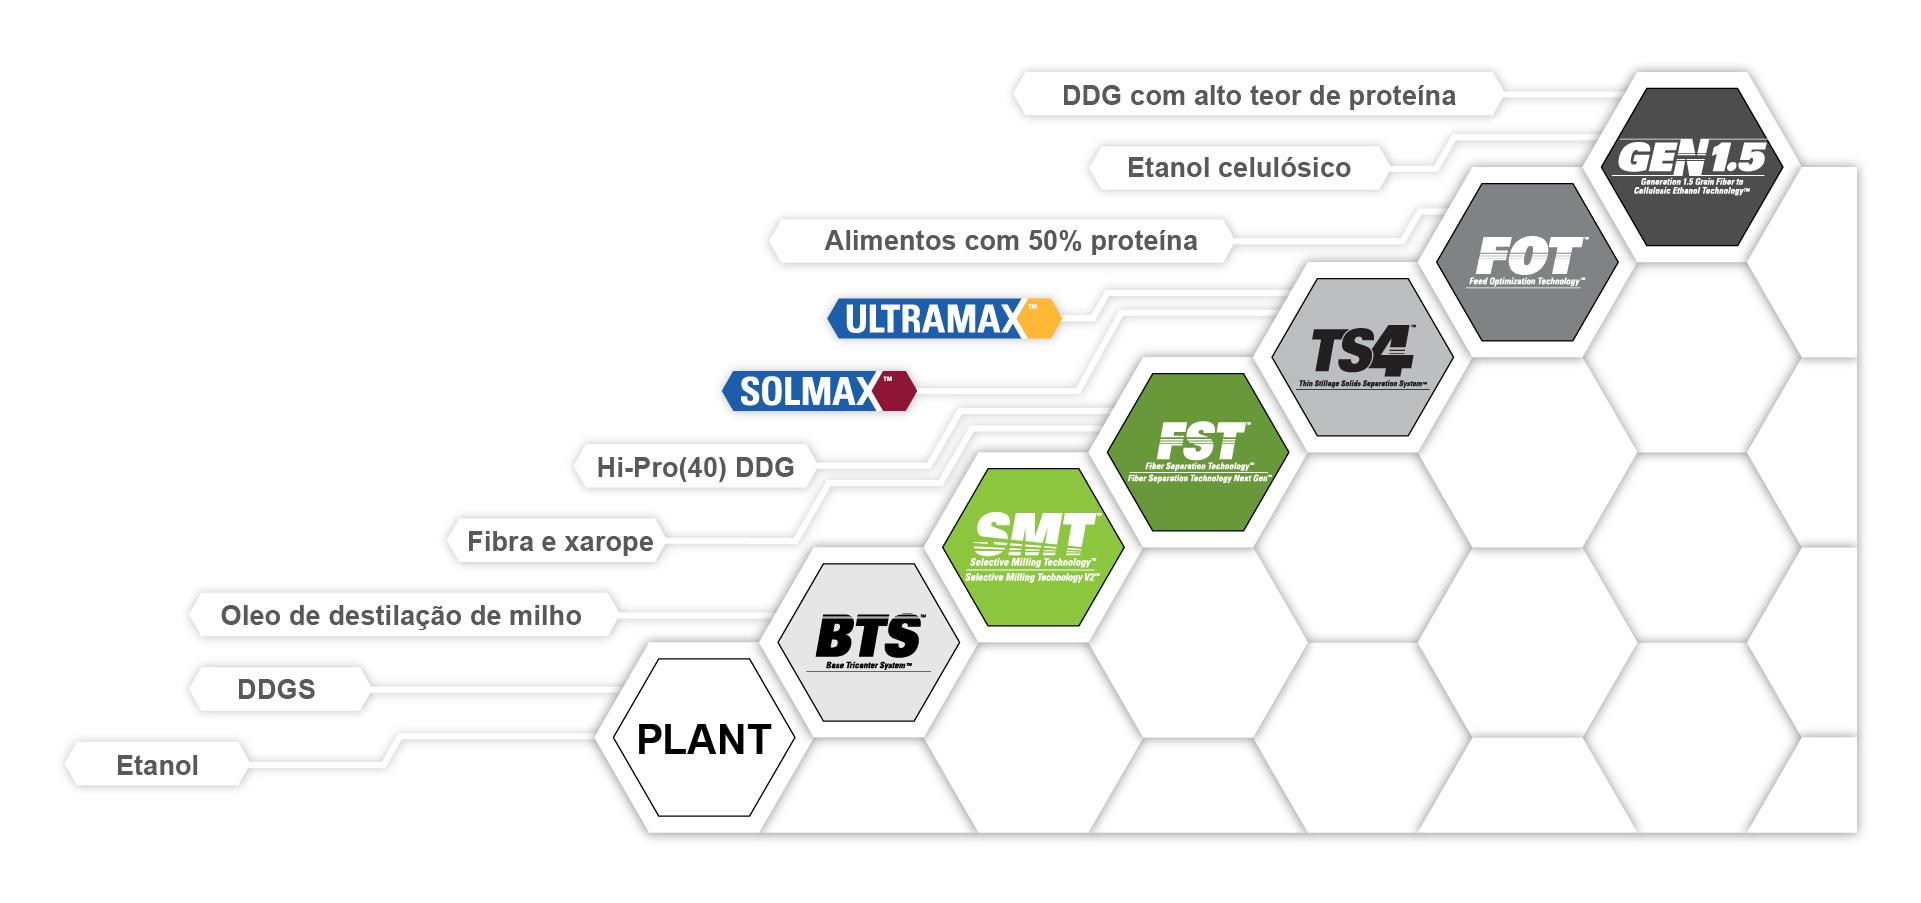 Tecnologias de plataforma e produtos de ração animal da ICM